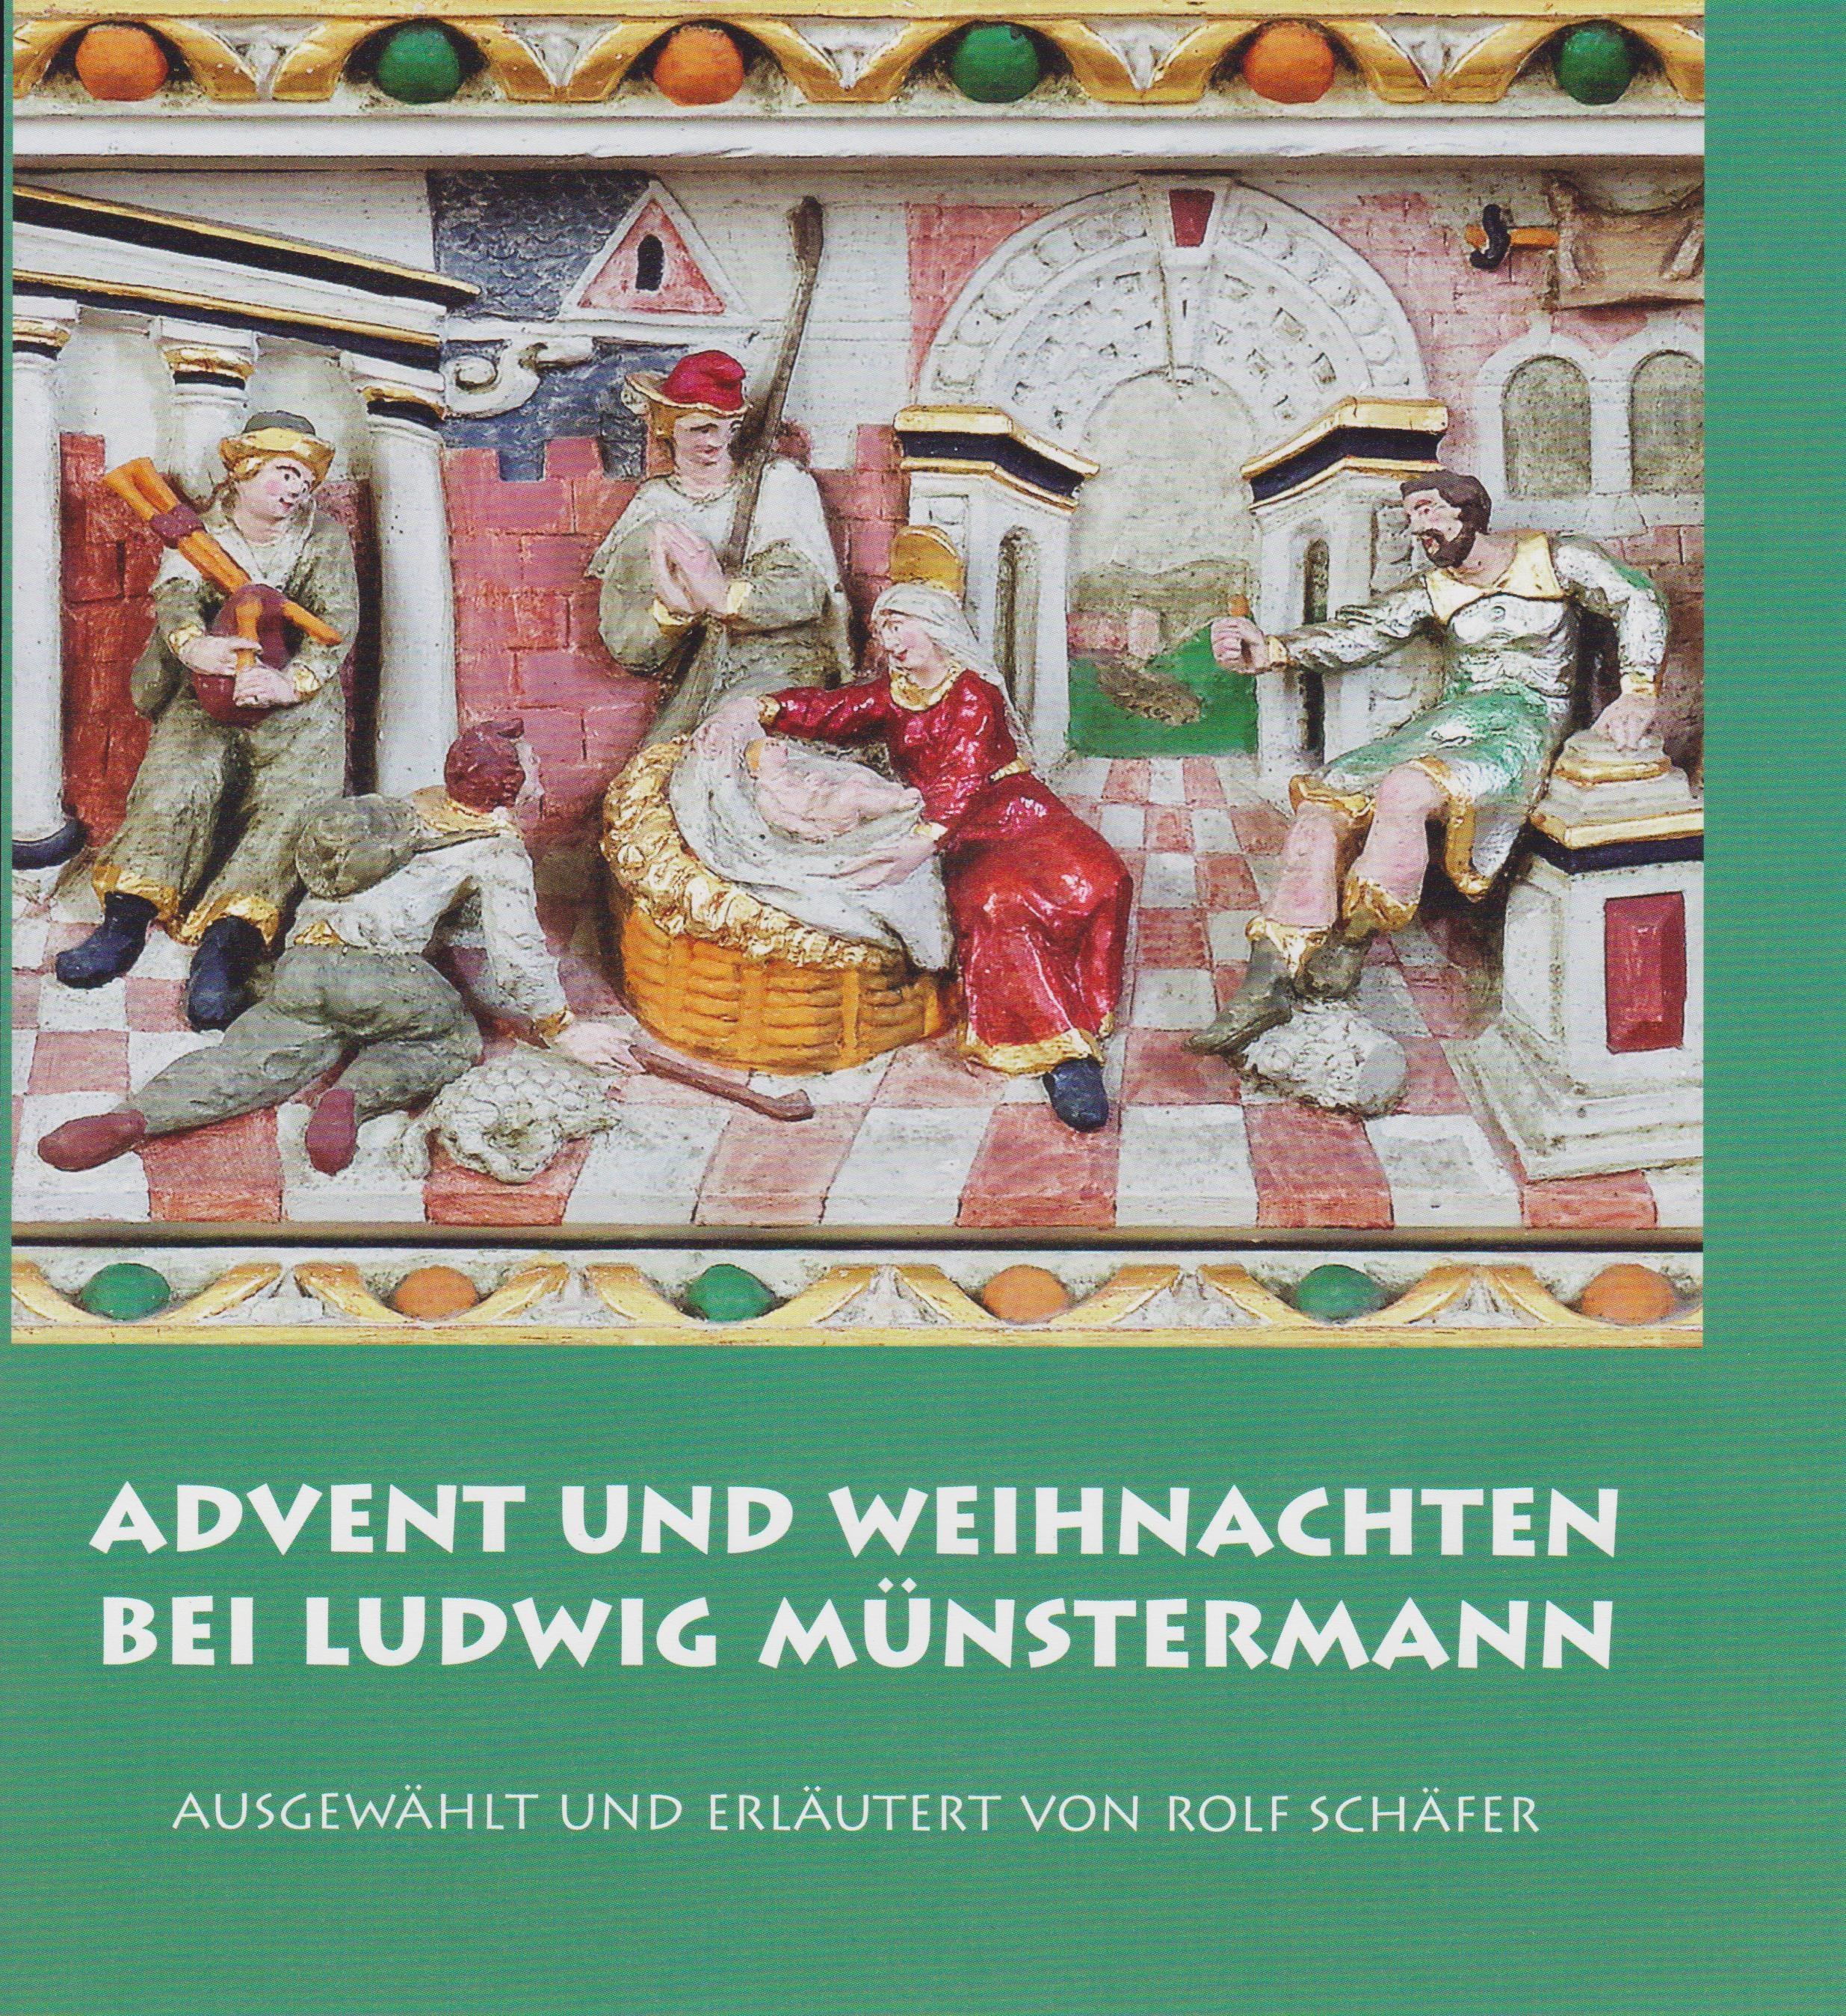 Advent und Weihnachten bei Ludwig Münstermann von Schaefer, Rolf: